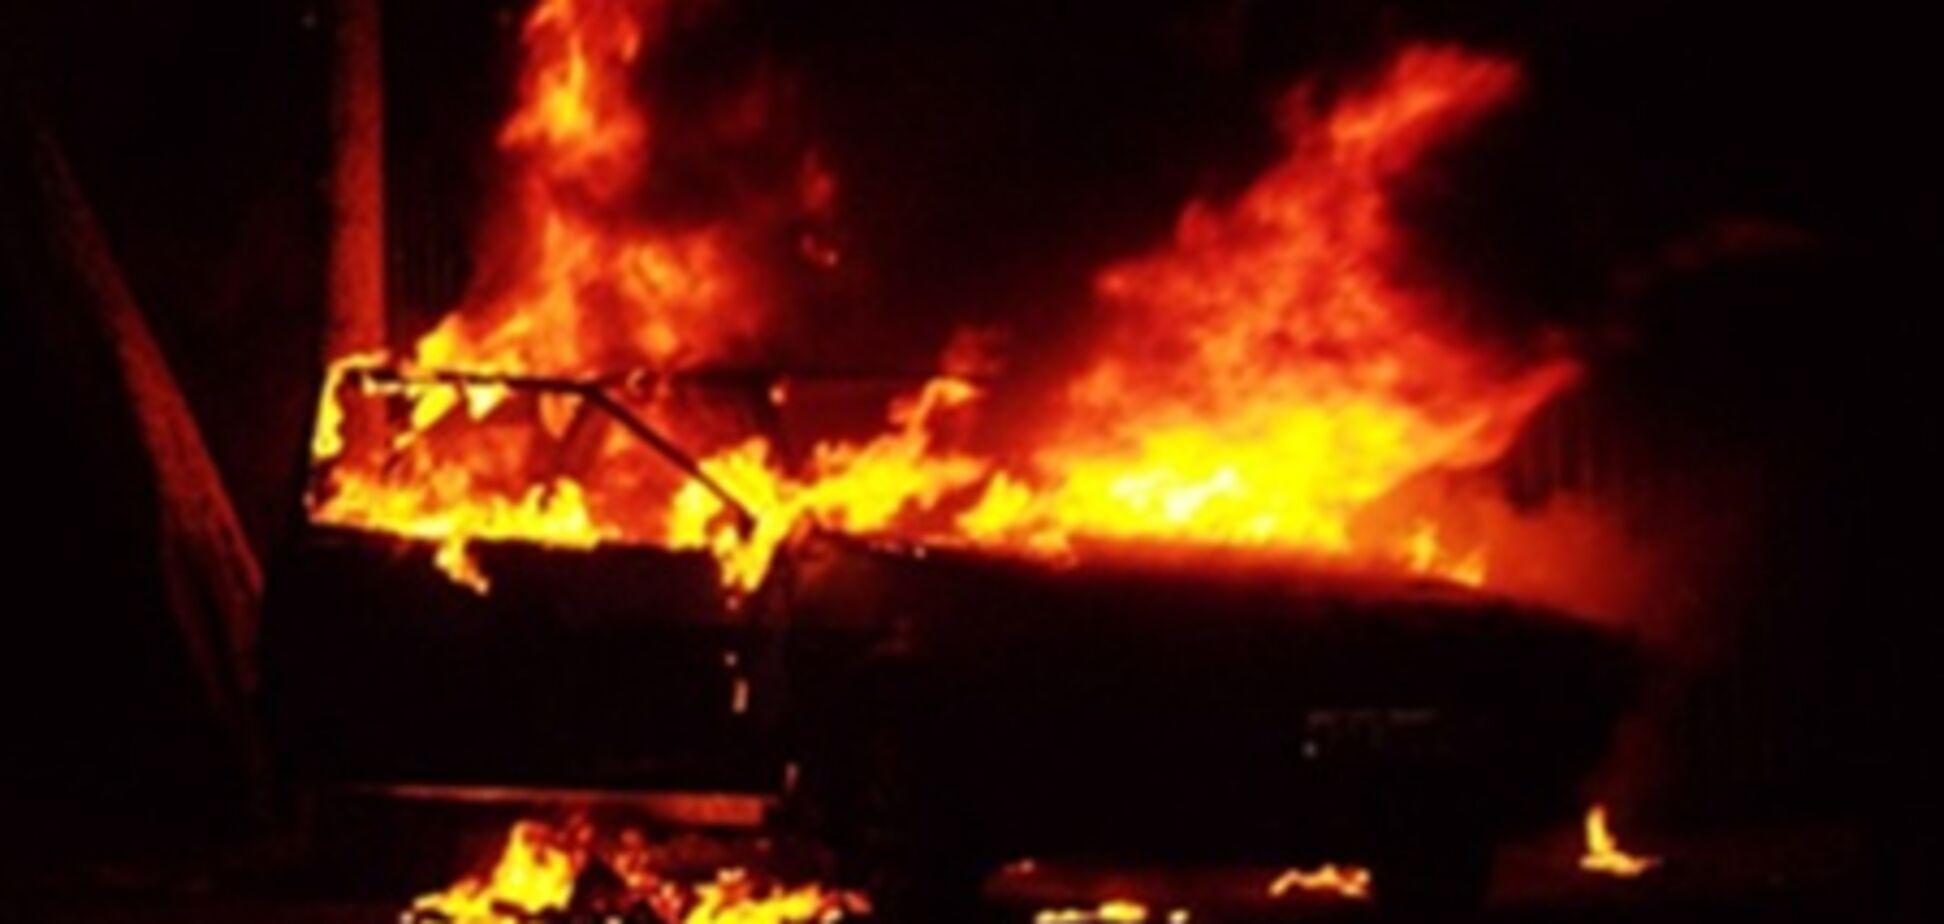 В Ивано-Франковске подожгли машину директора колледжа